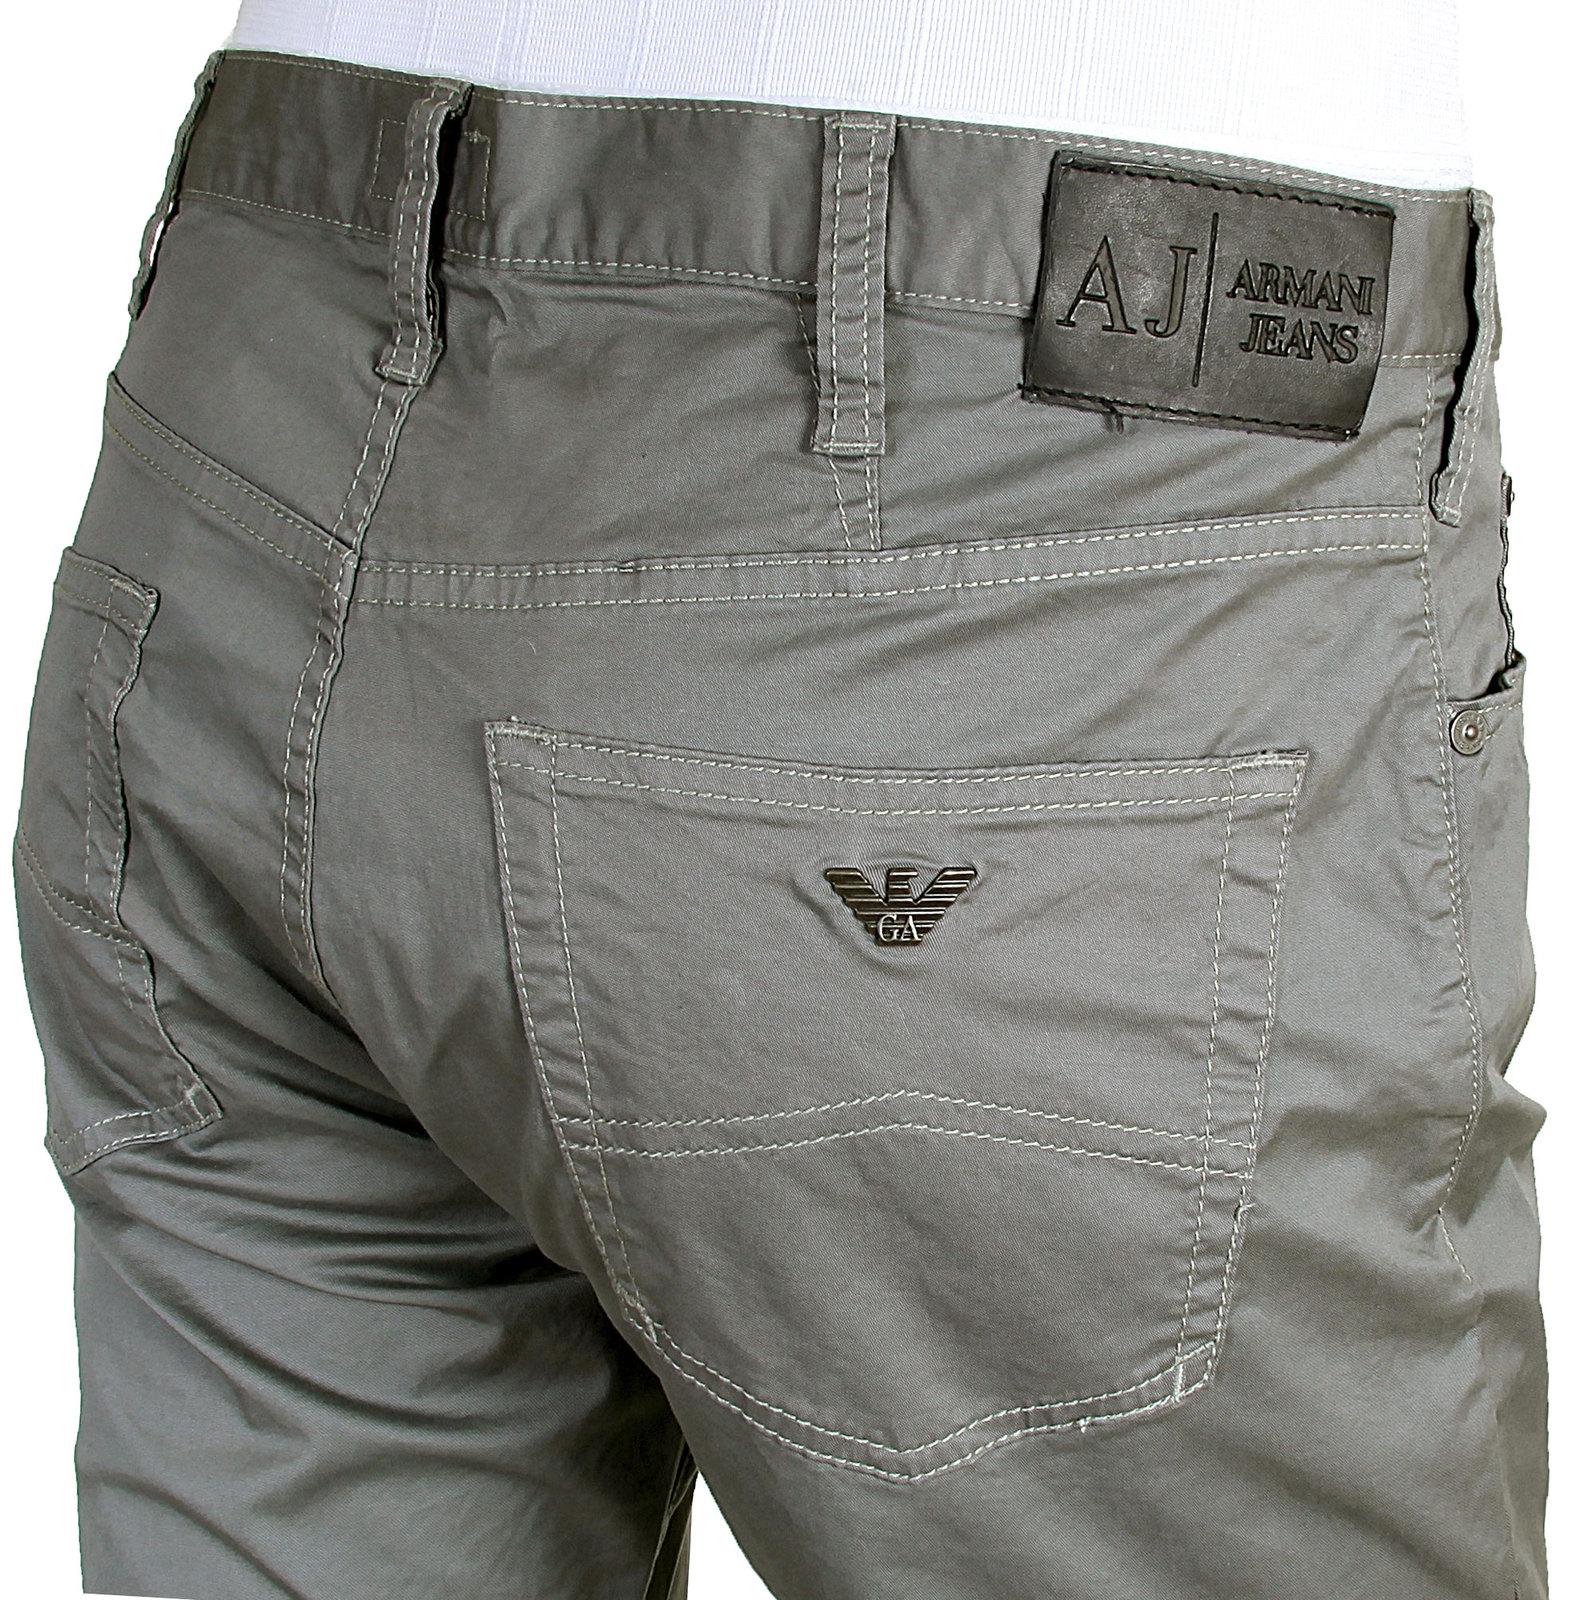 armani jeans mens j21 regular fit 06j21 qy grey stretch